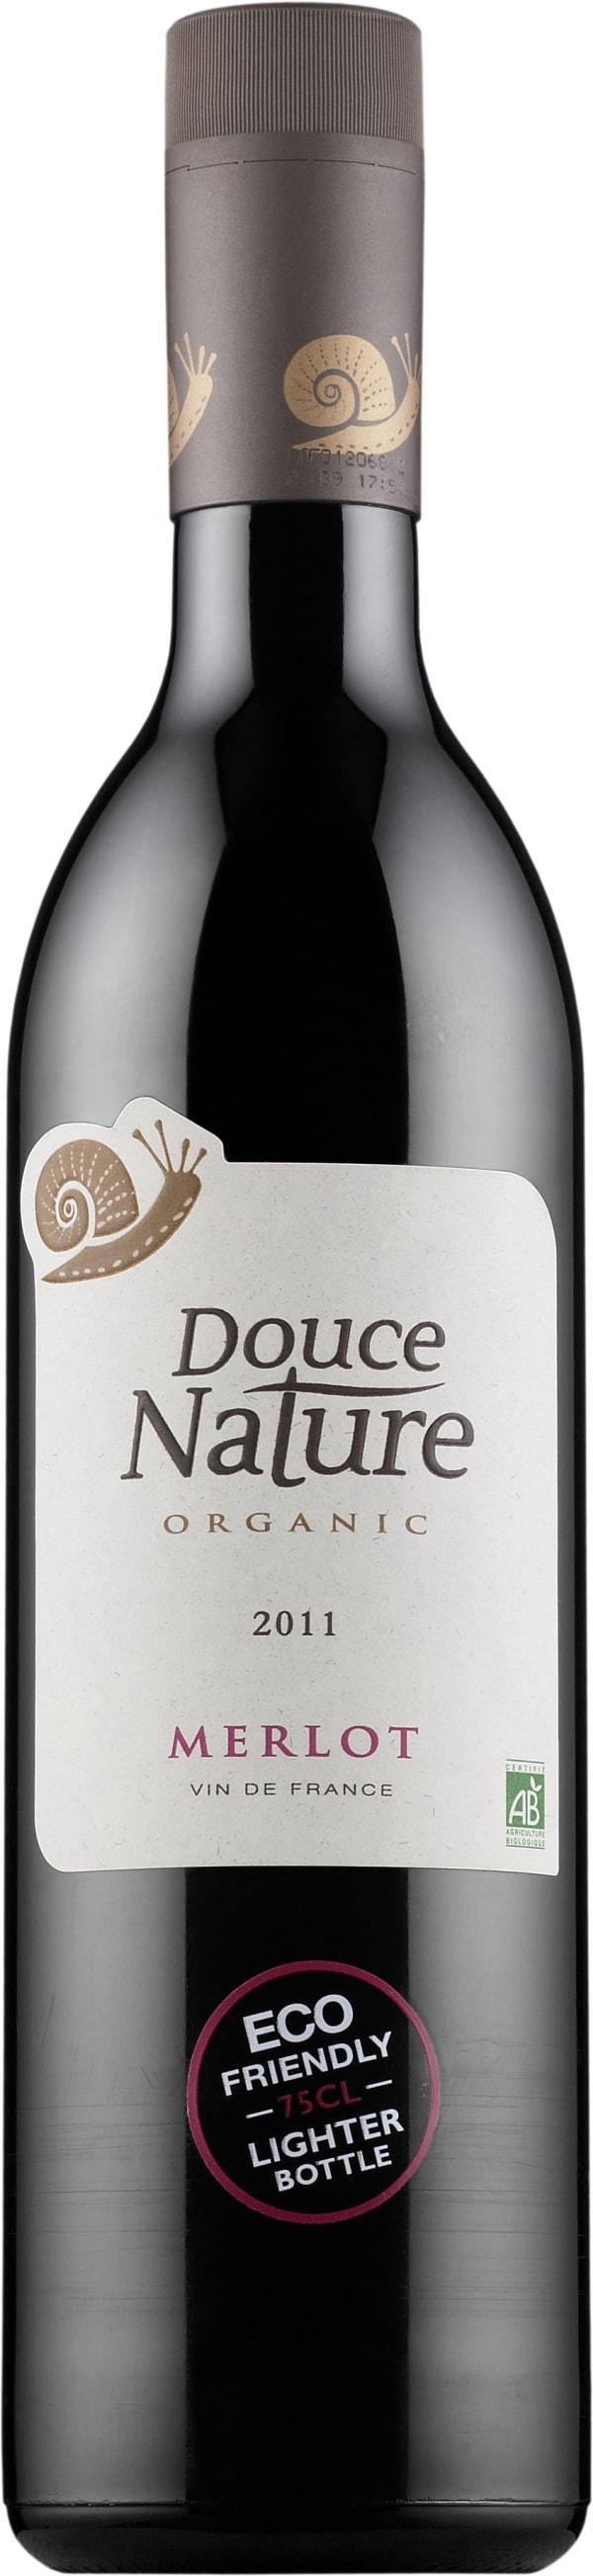 Douce Nature Organic Merlot 2015 muovipullo